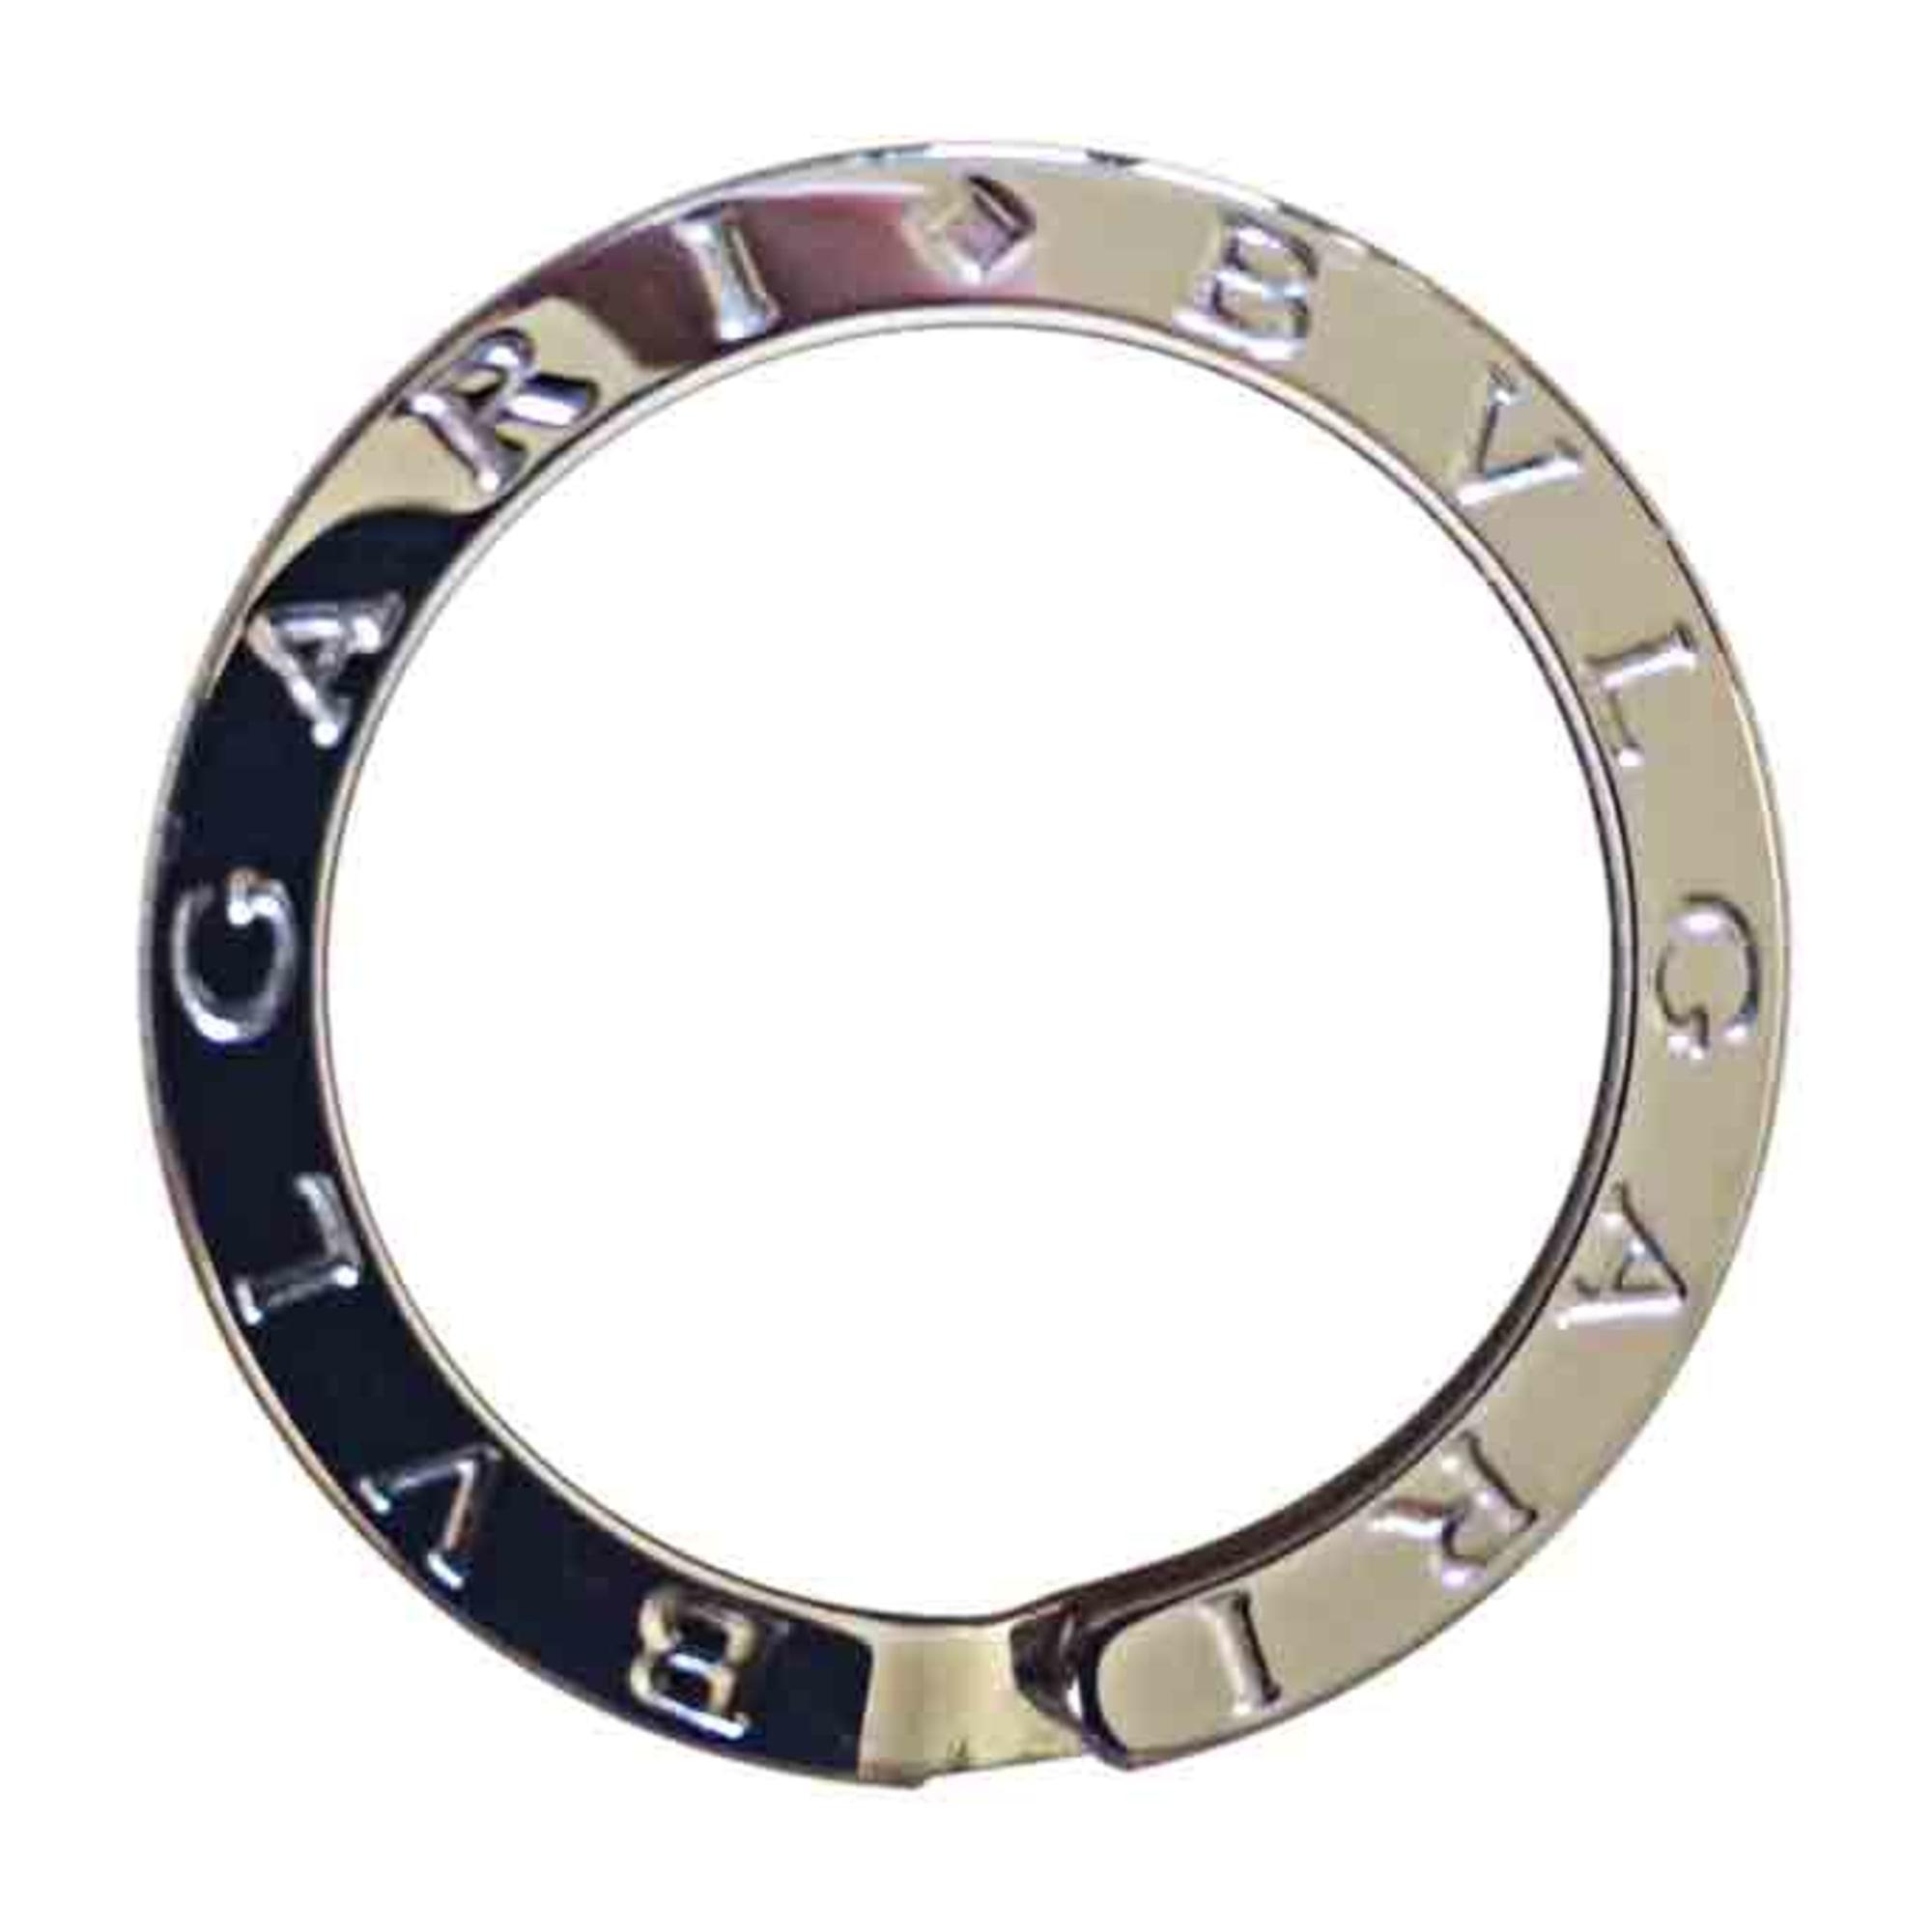 Porte-clés BULGARI argenté vendu par Fashion consultant - 6192605 b6b9a5adaee